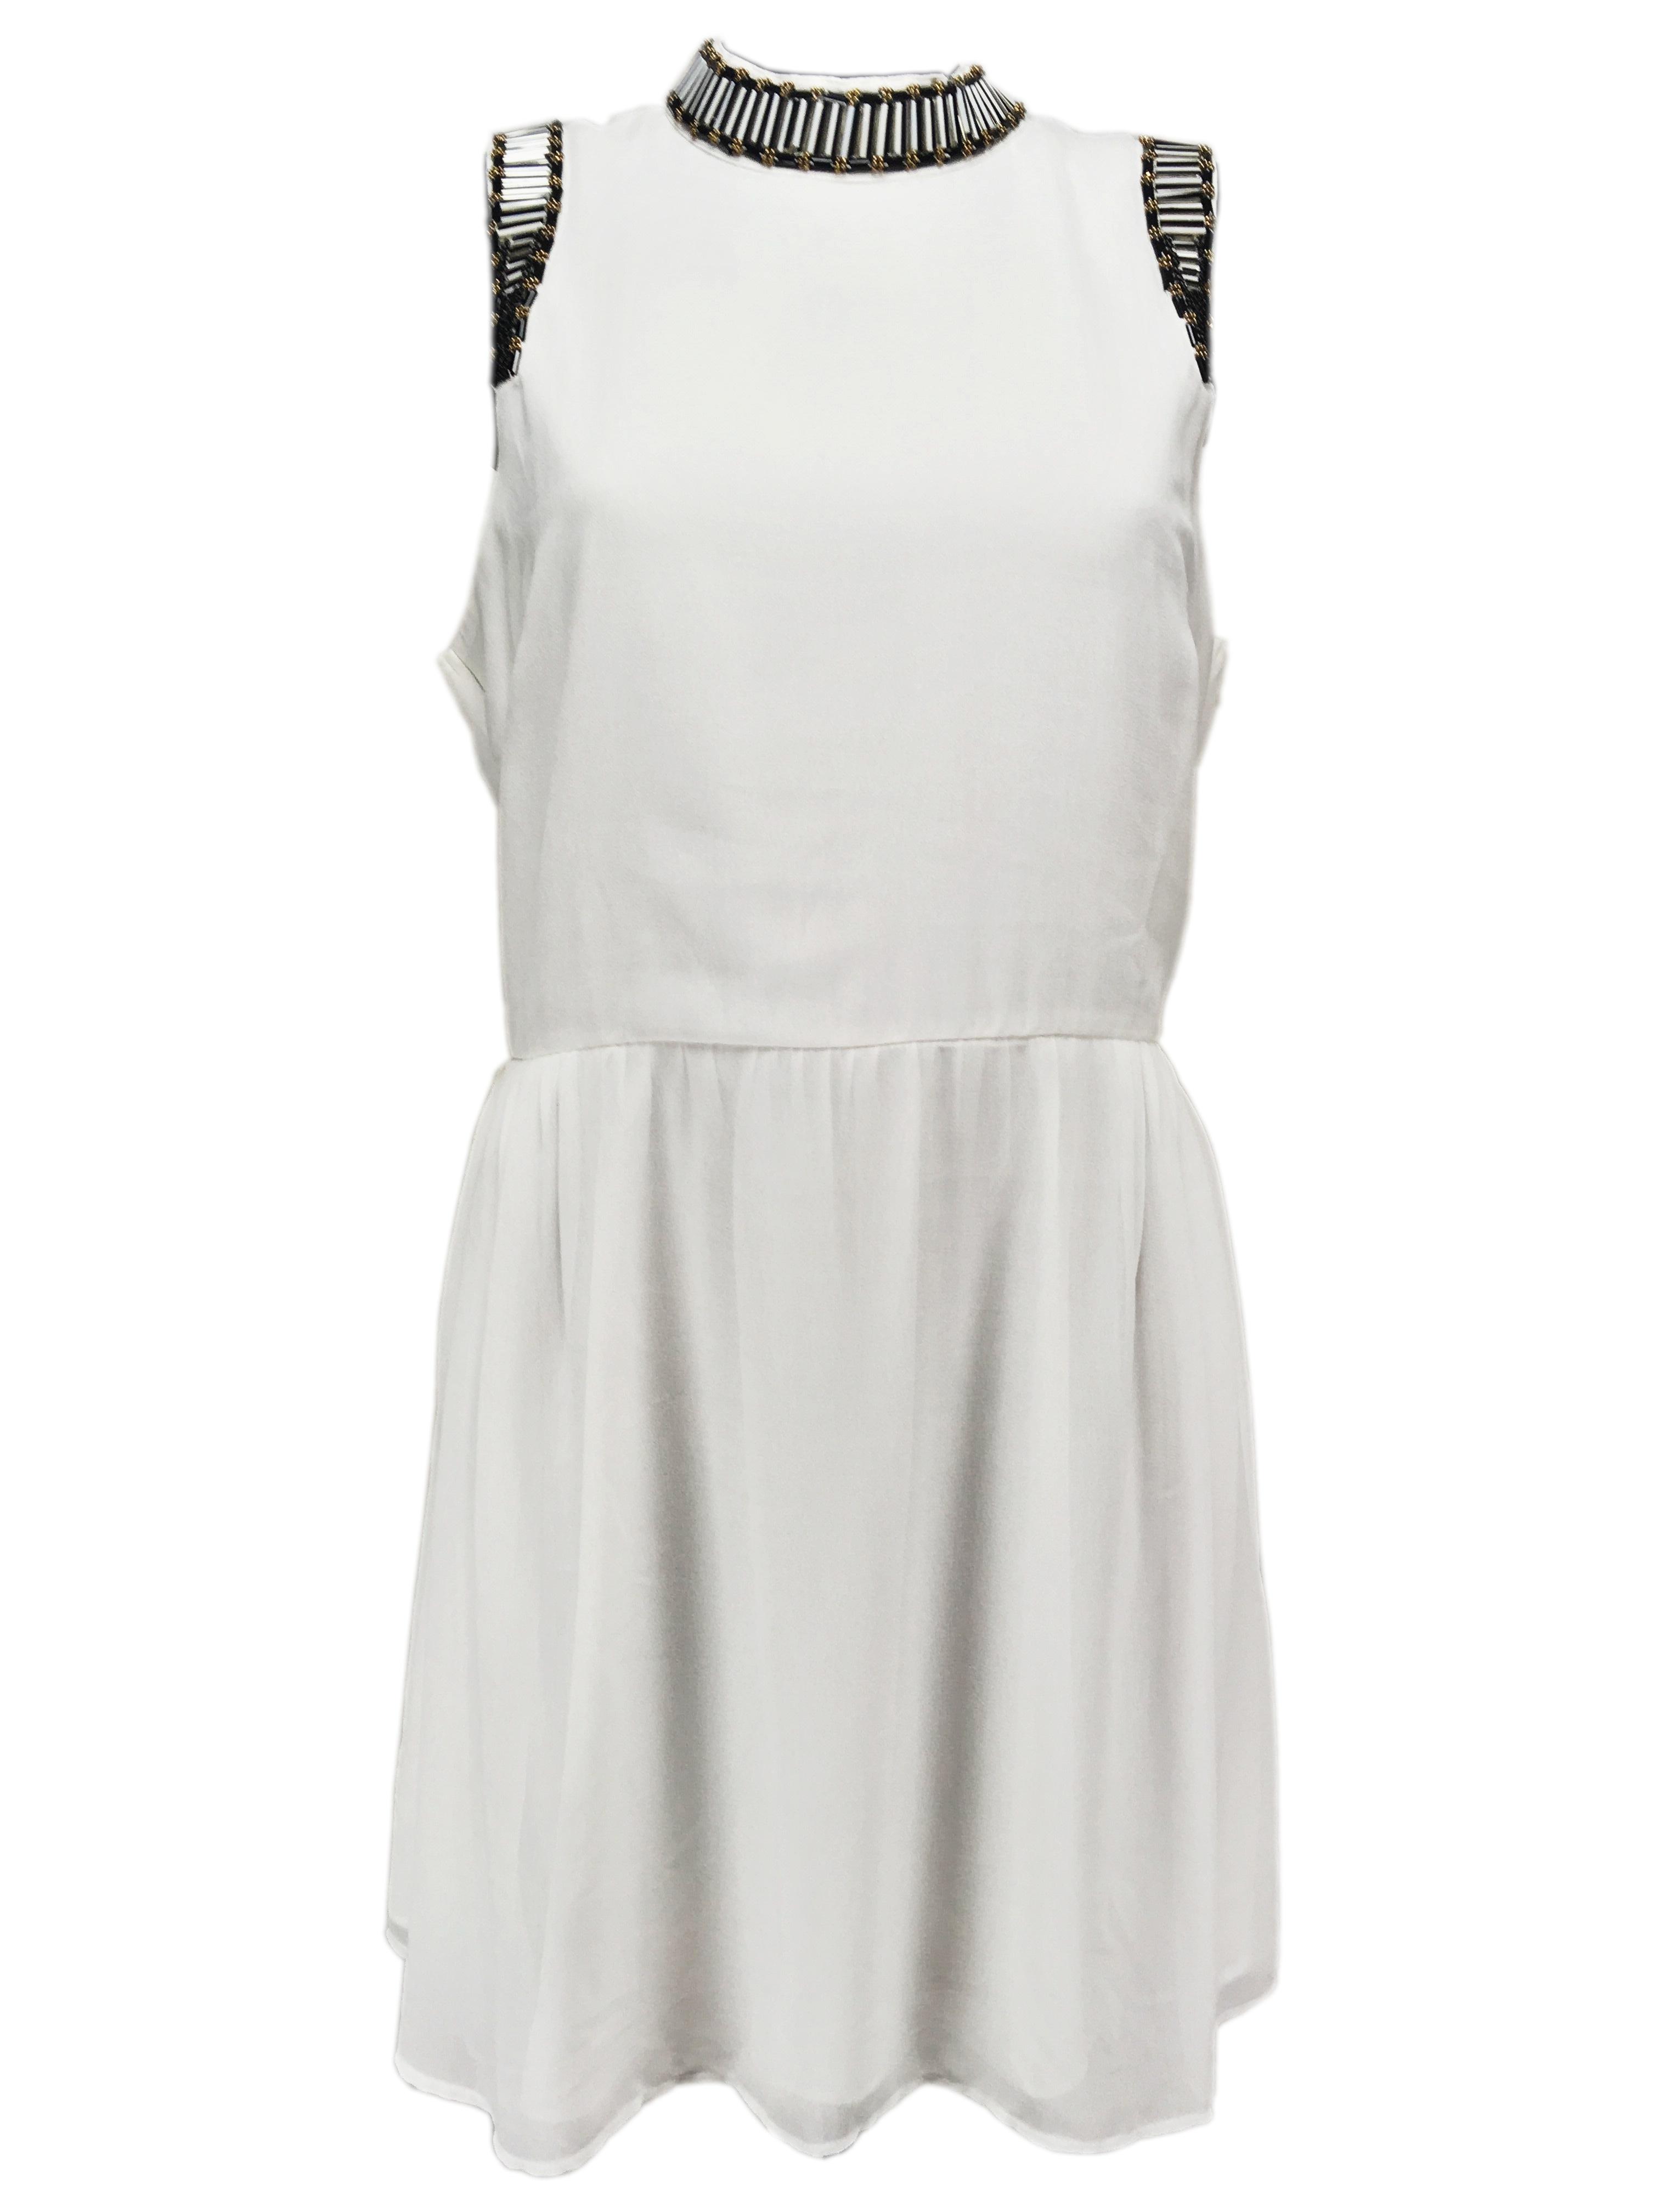 LIMITED dámské šaty - Glami.sk be8e415ec0f